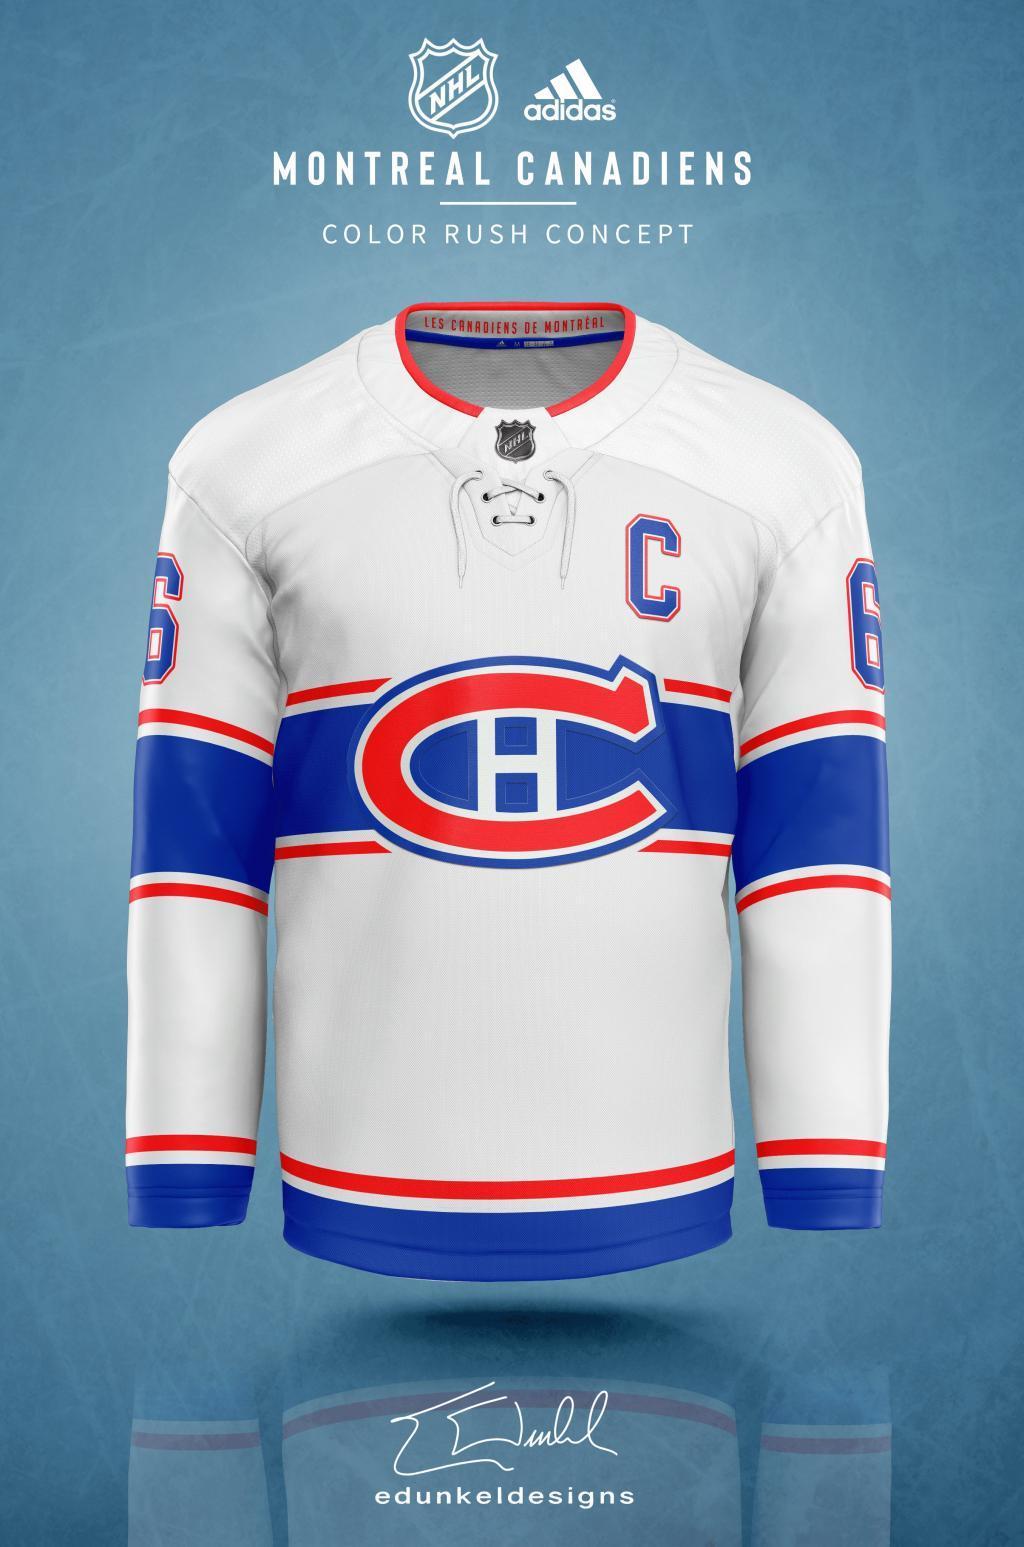 Proposition De 3e Chandail Pour Le Canadien Canadiens Habsolumentfan